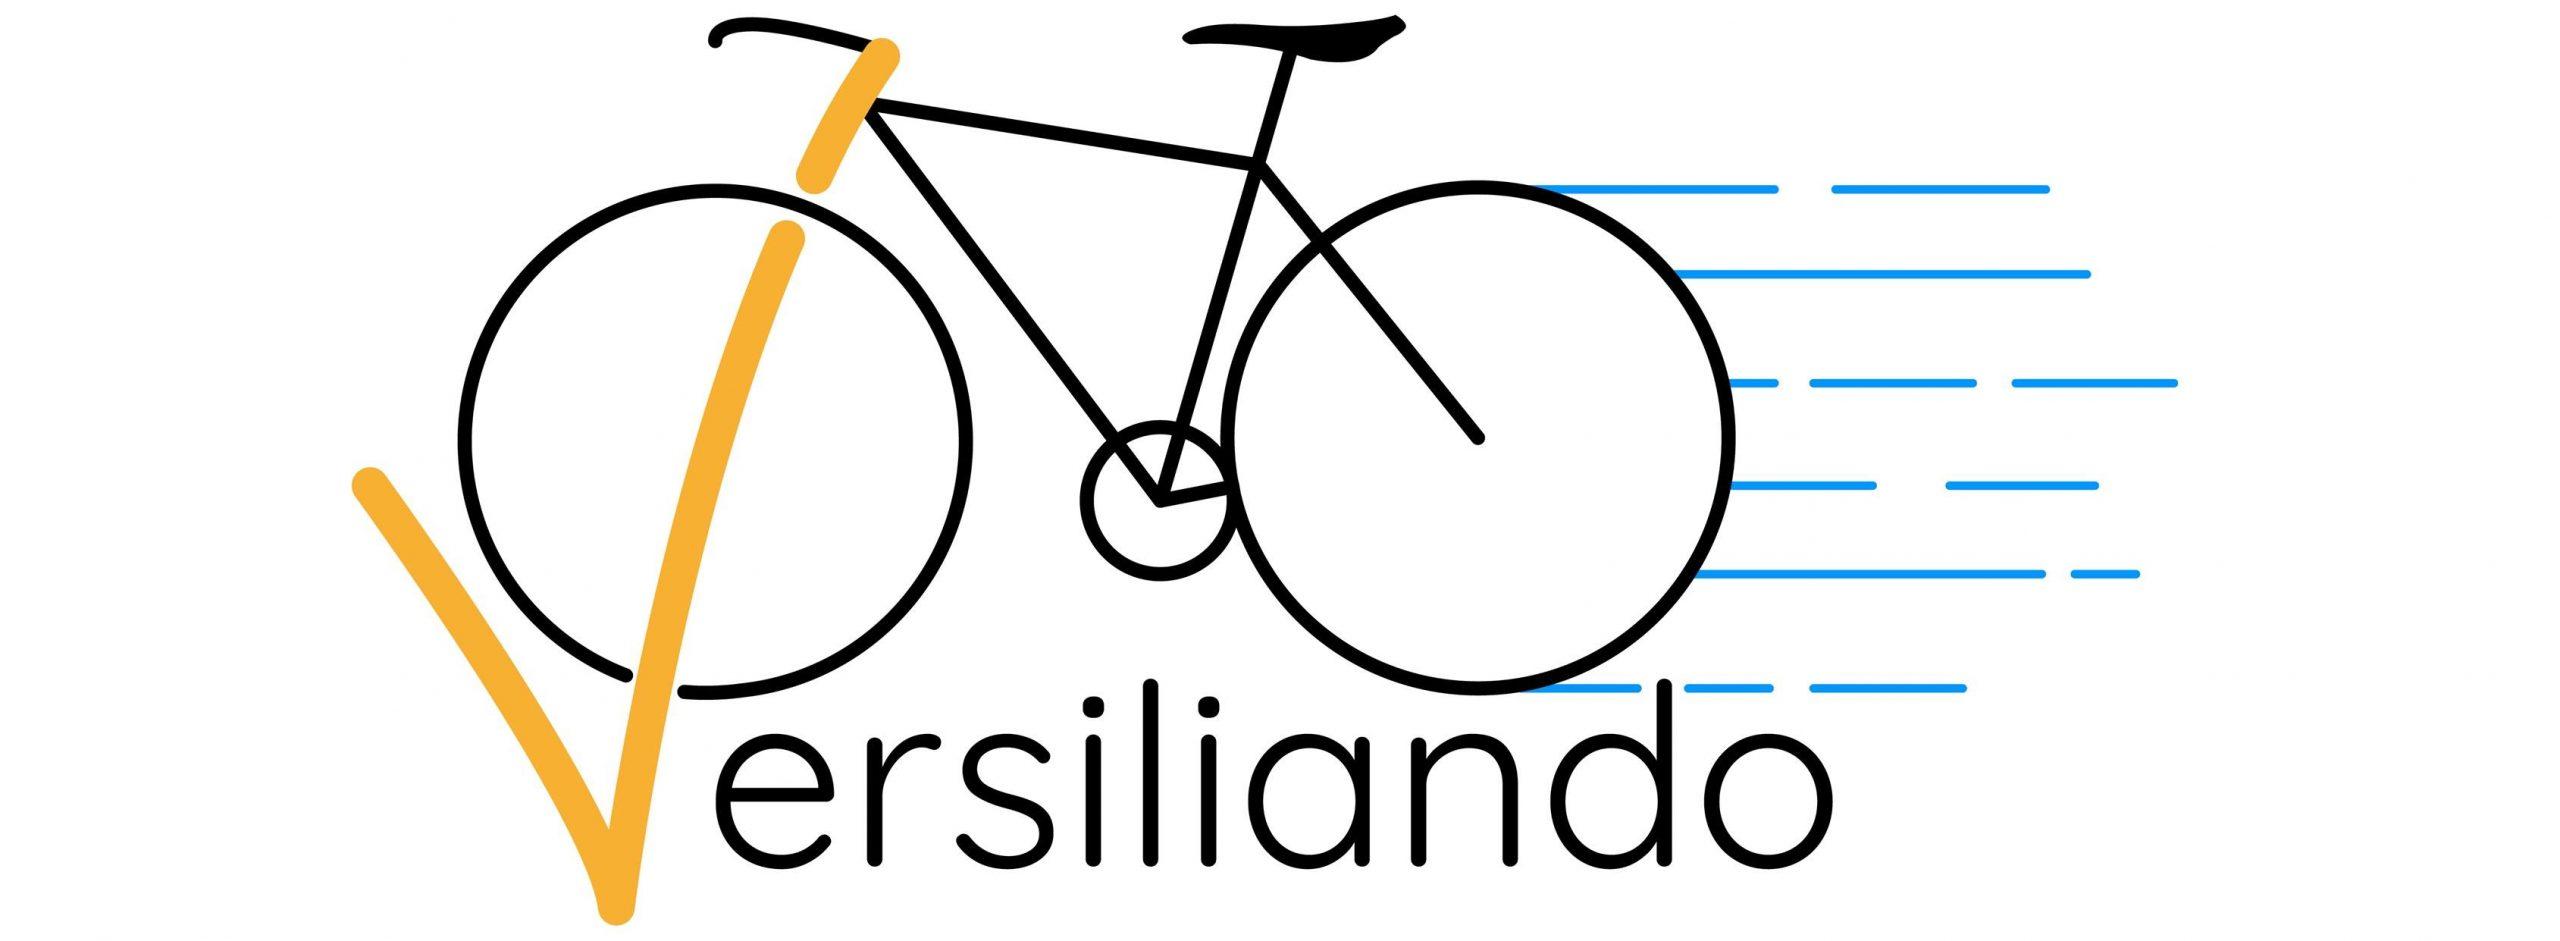 III° VERSILIANDO 2019 Easy Bike Gravel.it